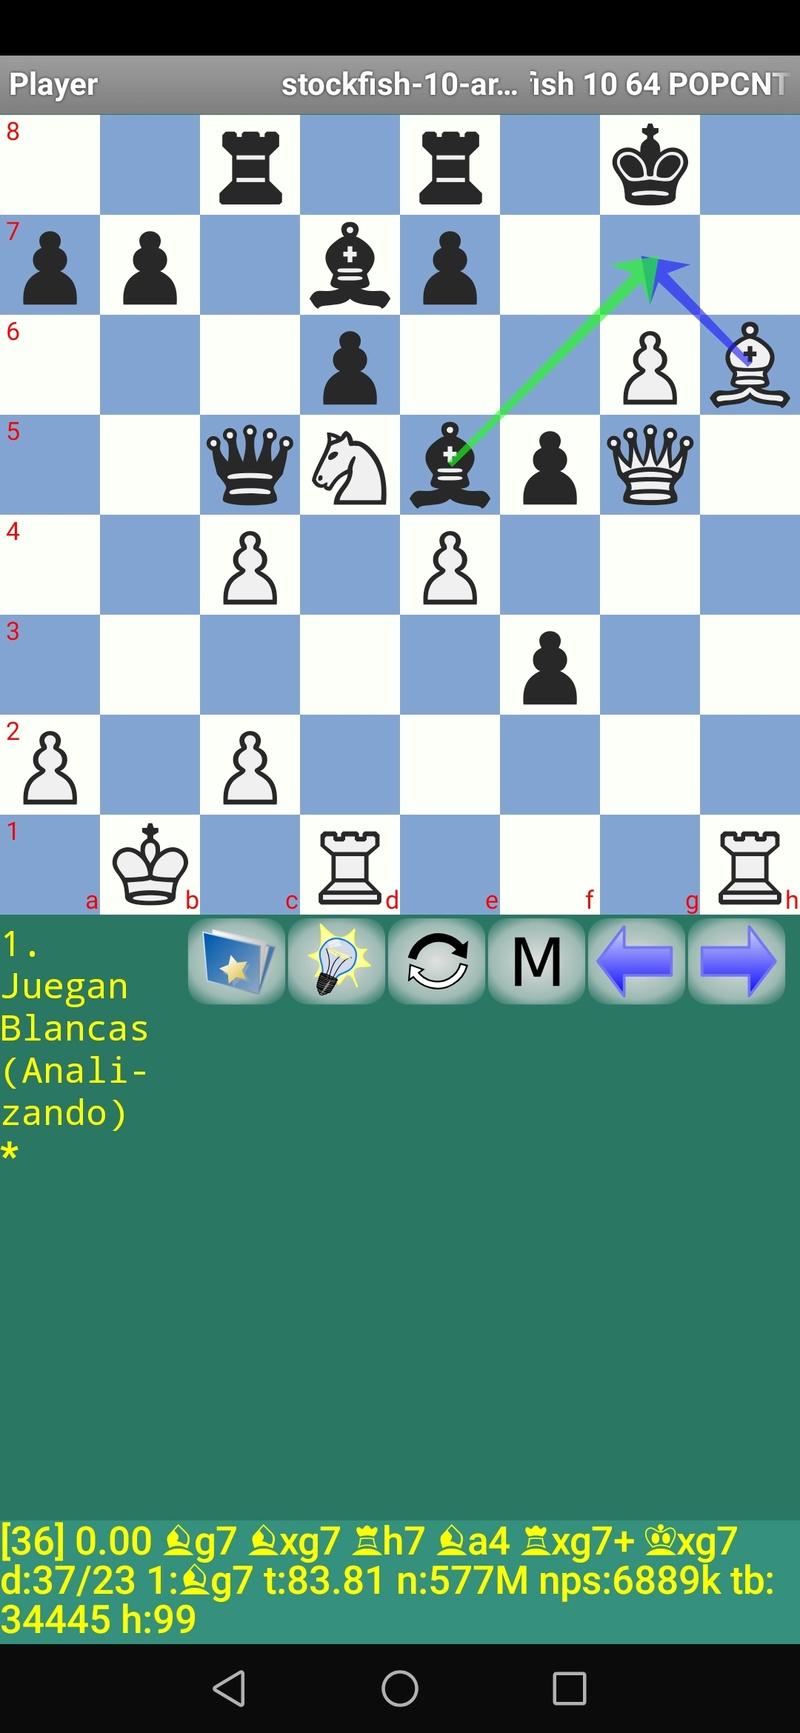 30 posiciones de Test fabulosas con el Stockfish 10 / Matador de QUIJOTEL (I) Scree113